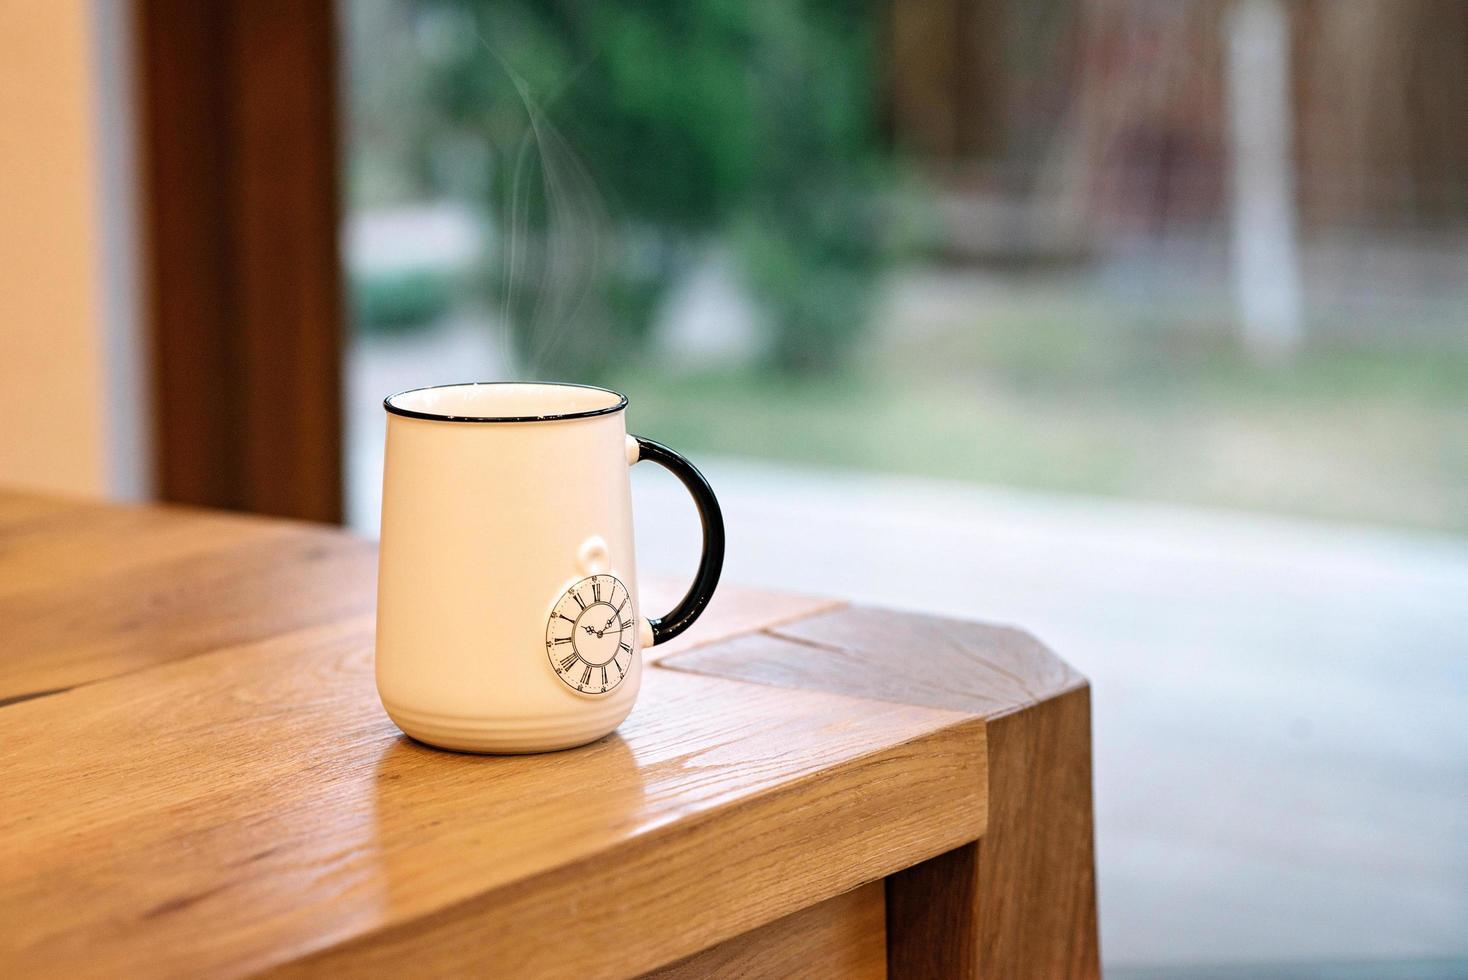 una tazza bianca svettante con l'immagine di un orologio da tasca su un tavolo di legno. foto